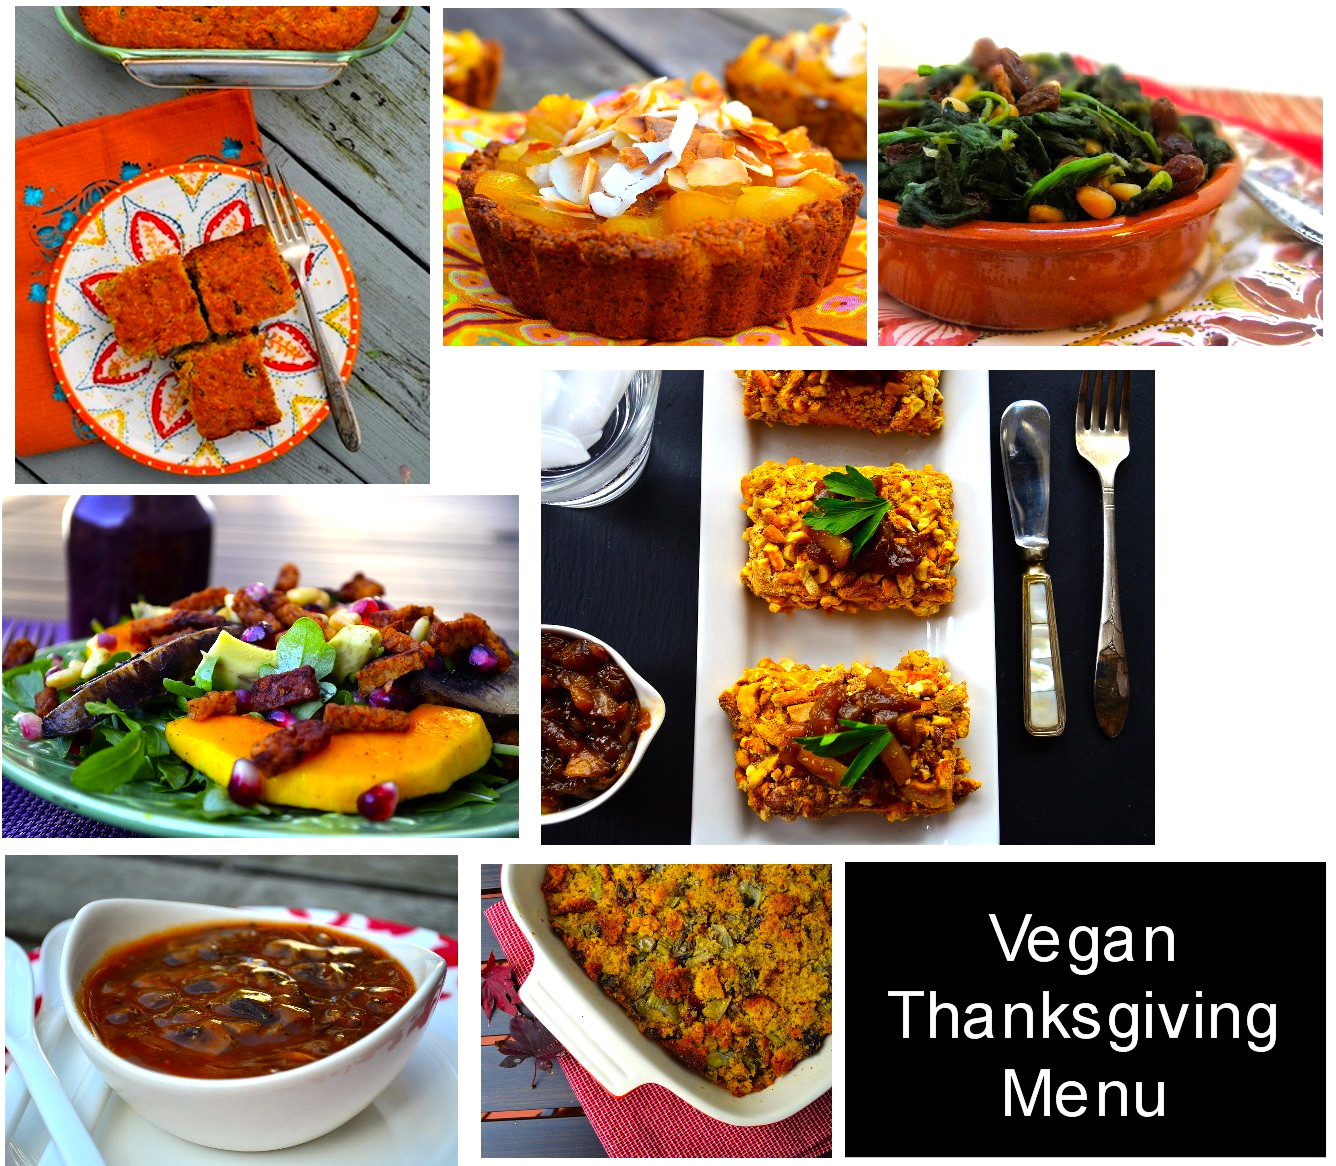 Vegetarian Thanksgiving Menus  Put It All To her Vegan Thanksgiving Menu May I Have